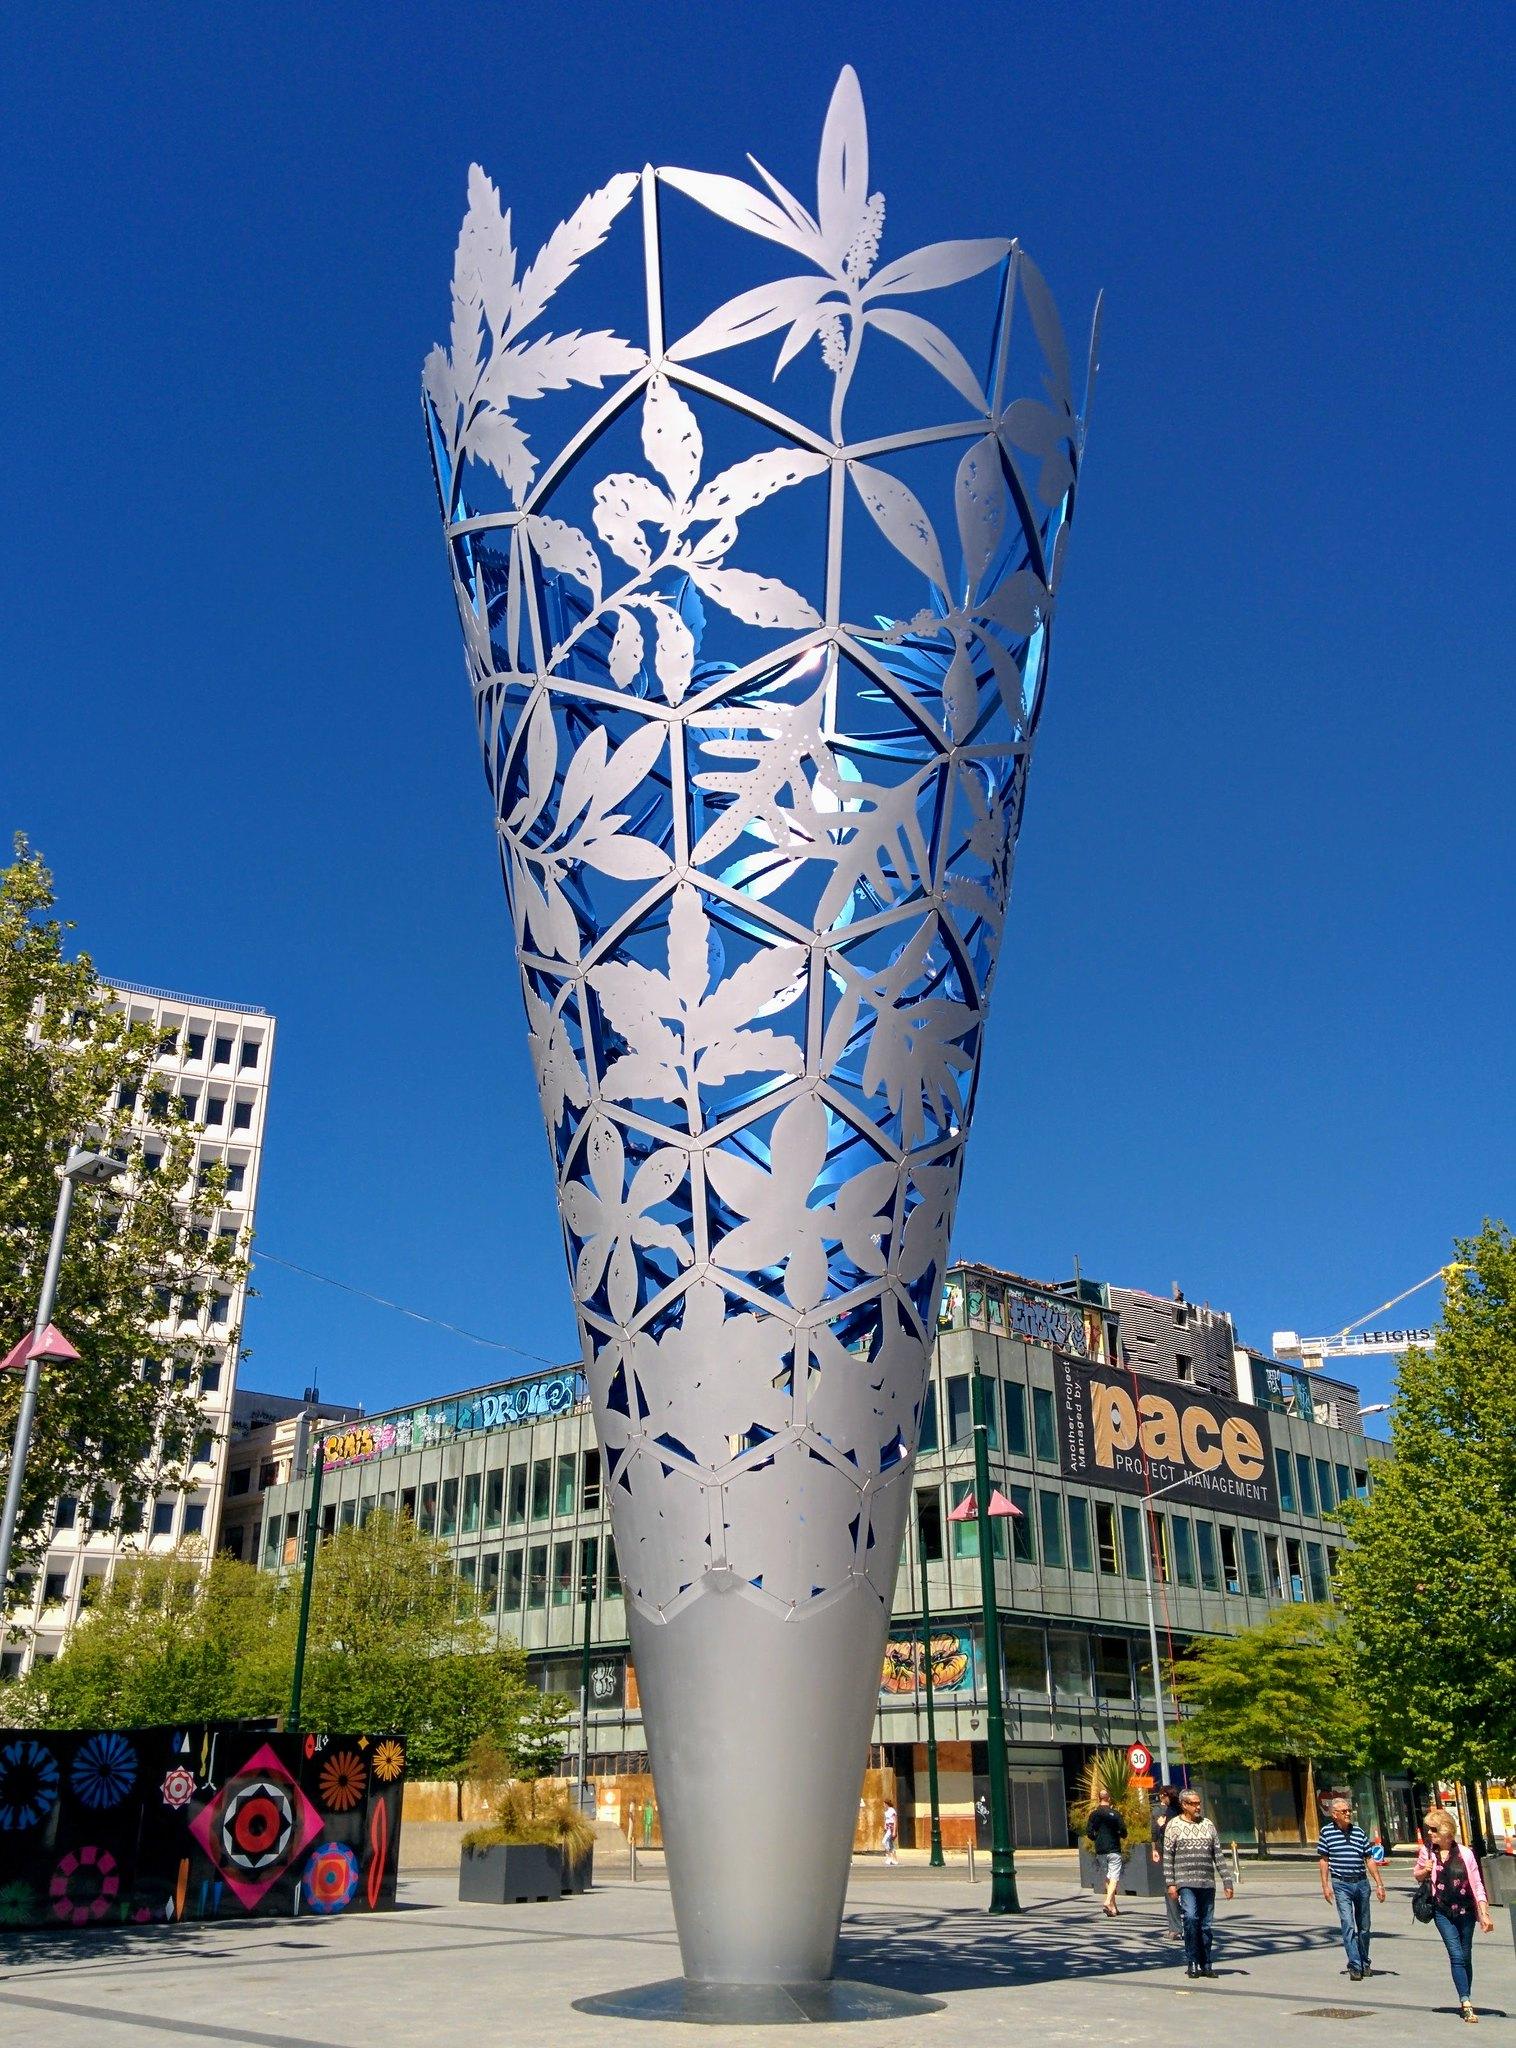 A large sculpture in Christchurch